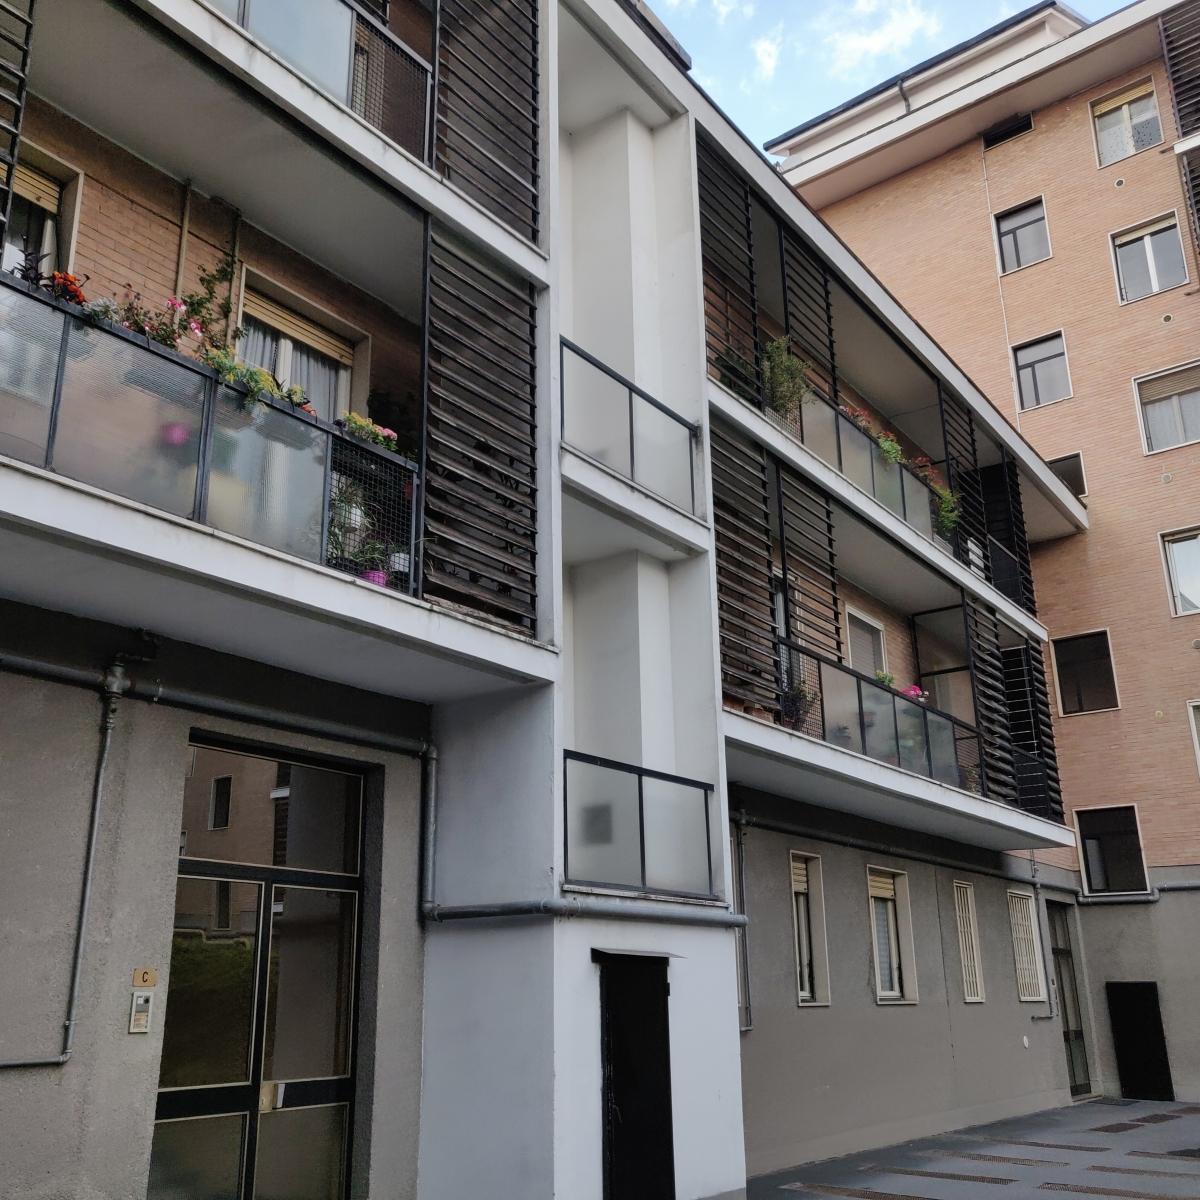 appartamento-in-vendita-baggio-via-gianella-3-locali-spaziourbano-immobiliare-vende-13